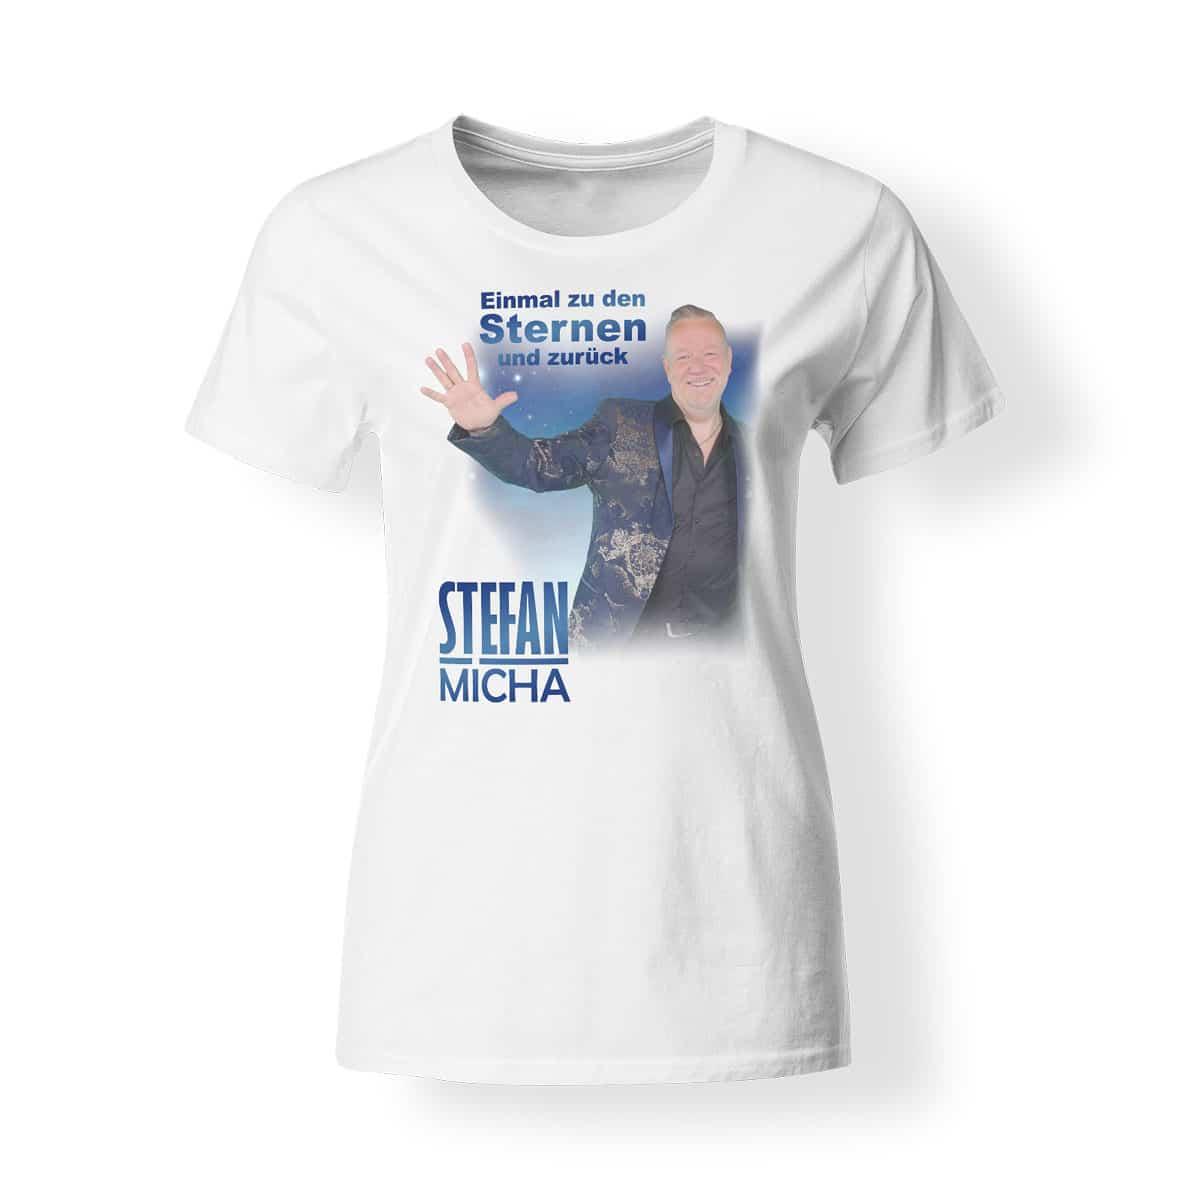 T-Shirt Stefan Micha Damen Fotomotiv Einmal zu den Sternen und zurück